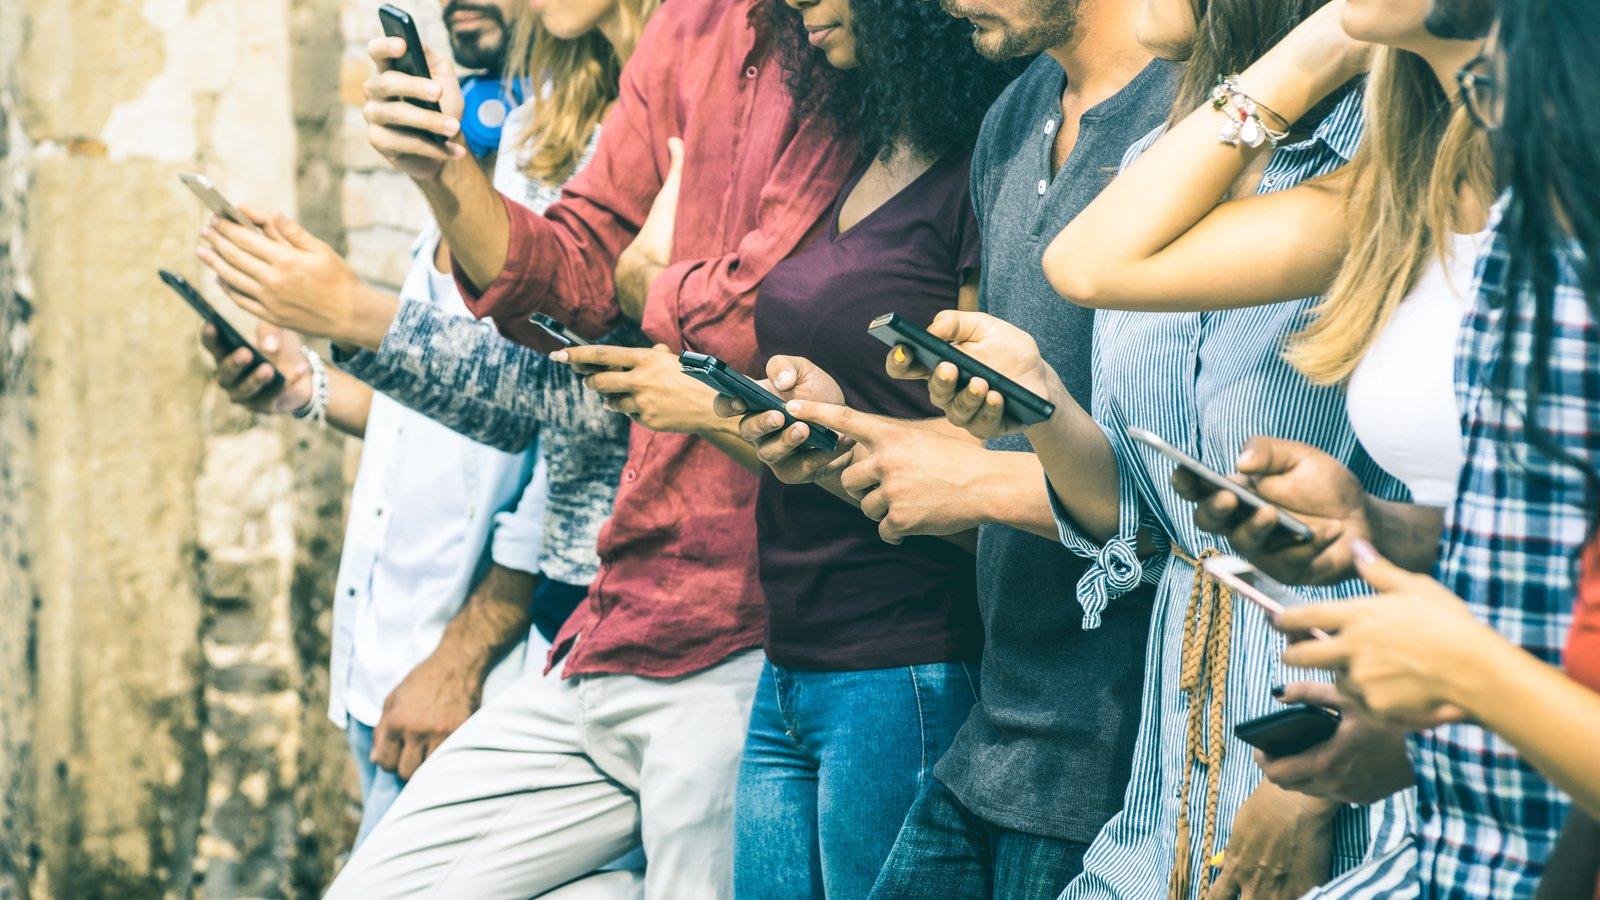 7 ustawień telefonu, które musisz zmienić, żeby ograniczyć korzystanie z mediów społecznościowych